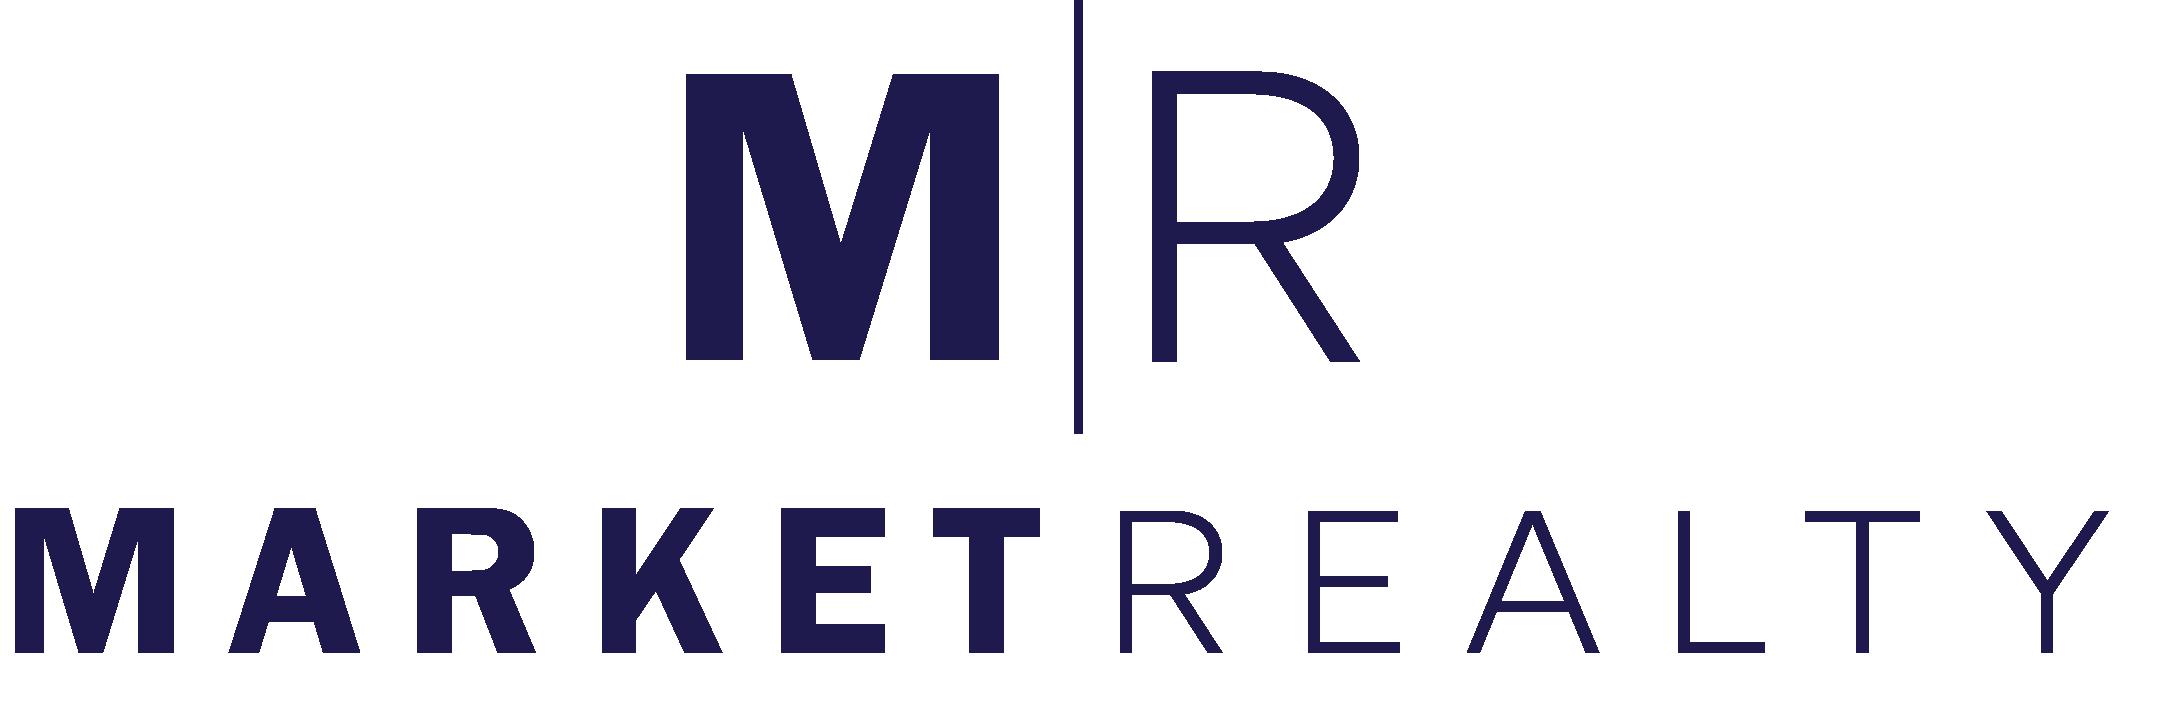 Market Realty Logo